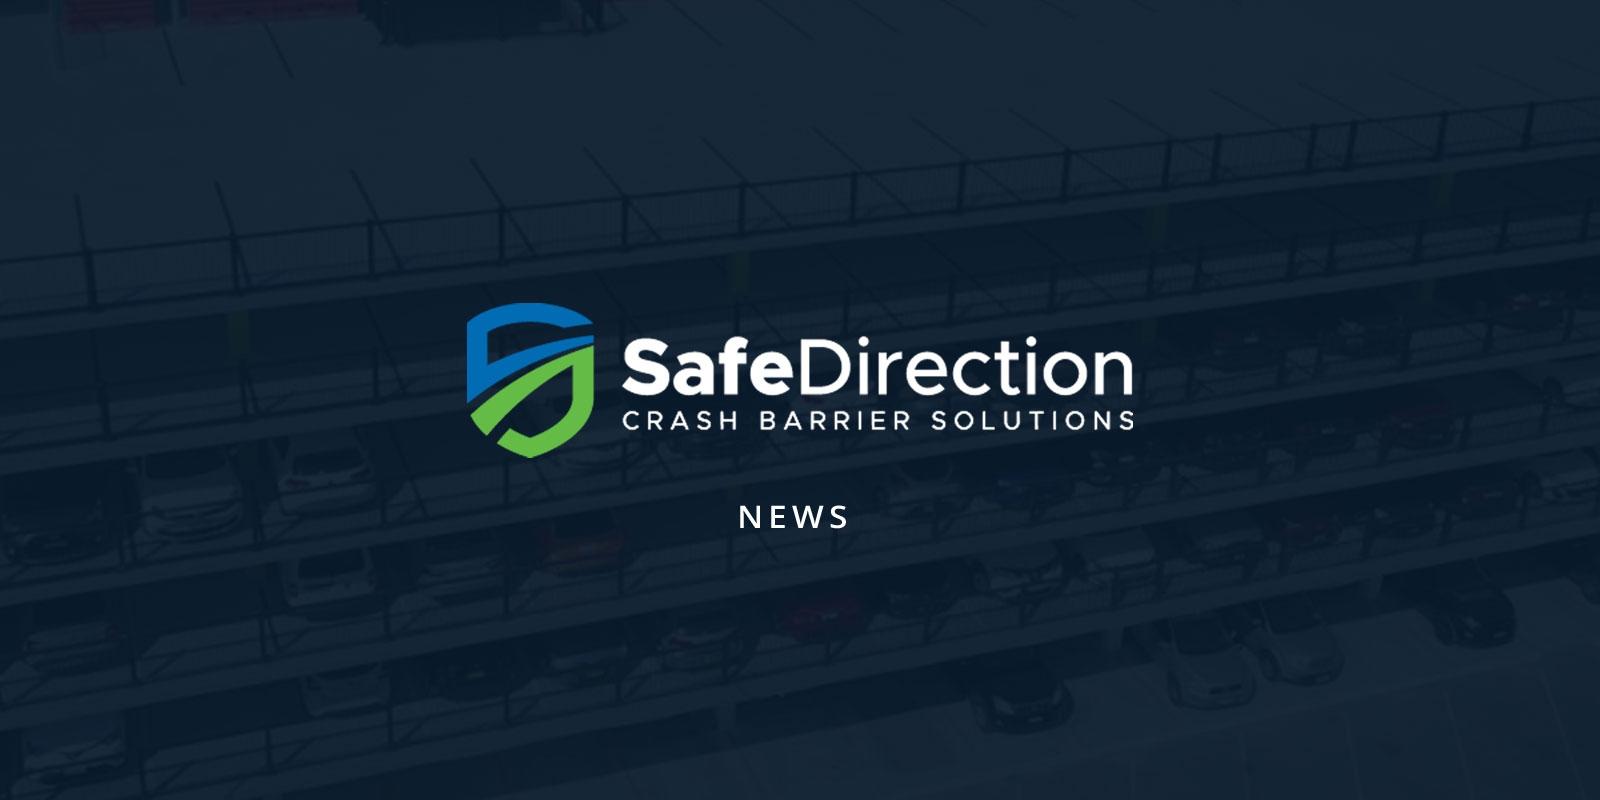 safe direction news